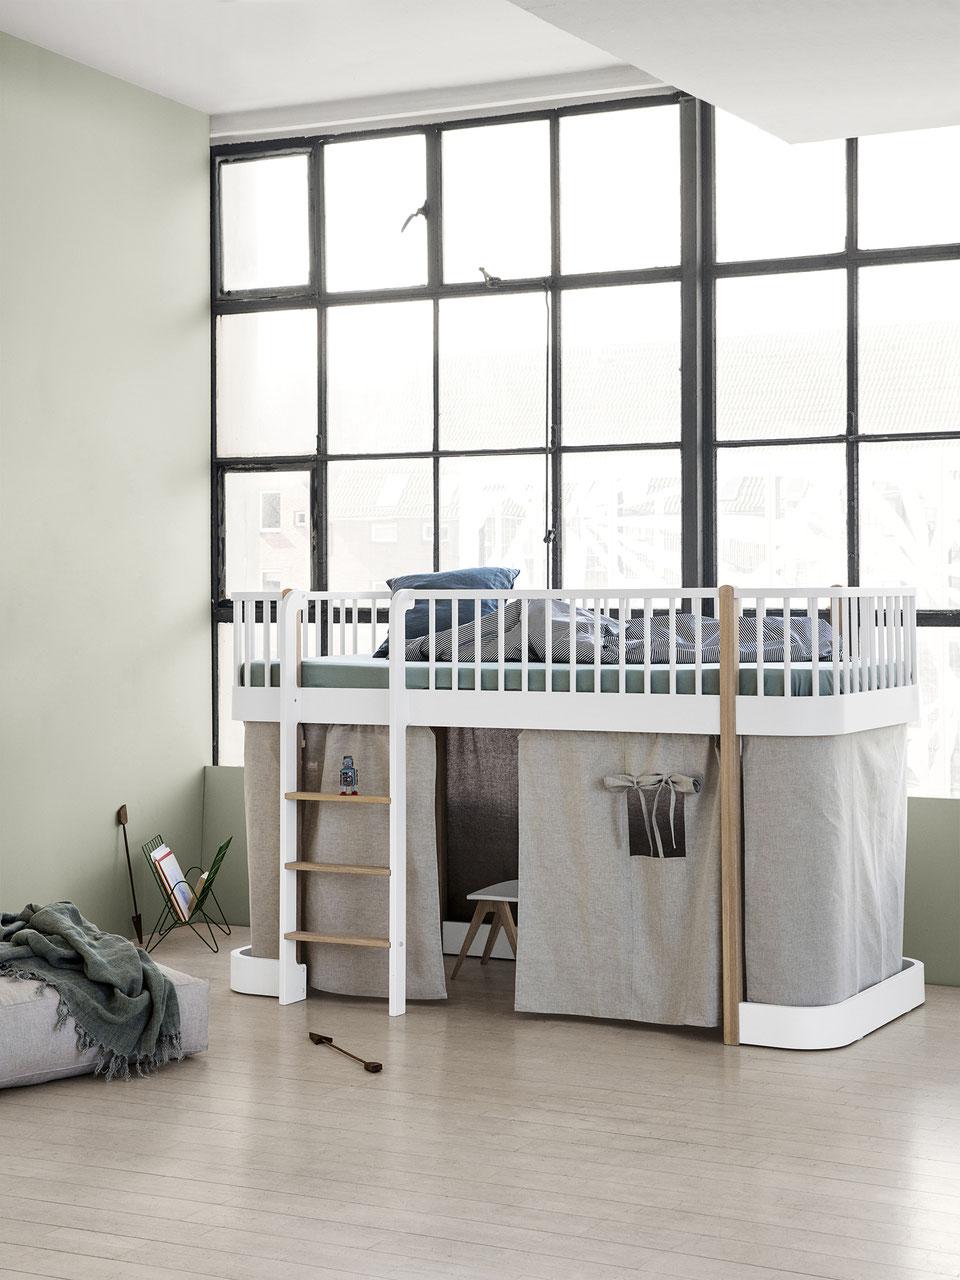 Full Size of Halbhohes Hochbett Oliver Furniture Wood Kind Der Stadt Bett Wohnzimmer Halbhohes Hochbett